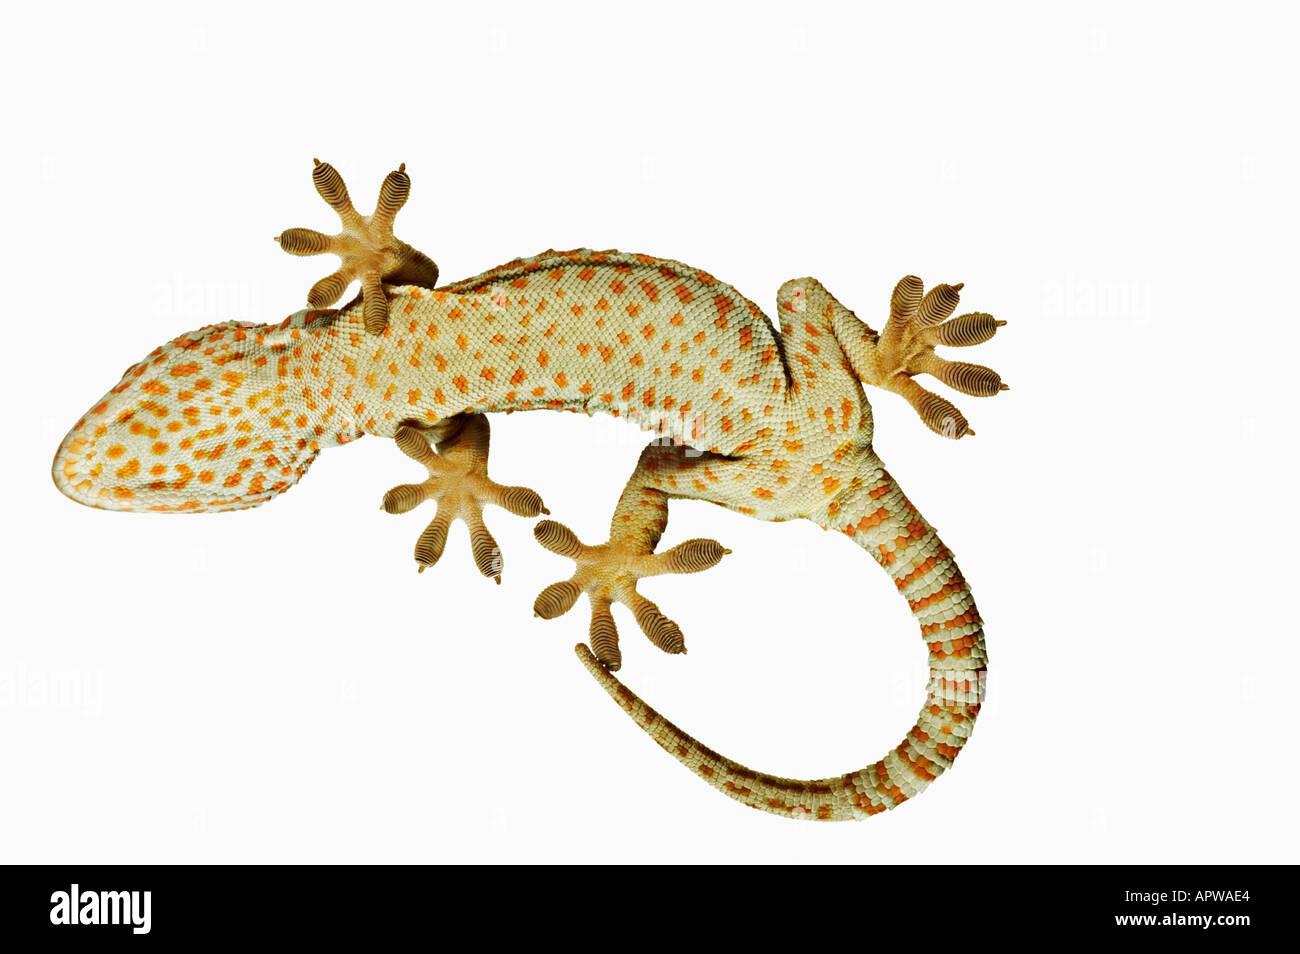 Gecko Tokay Gekko gecko Vue de dessous montrant spécialement adaptés pieds Dist en Asie du sud-est Photo Stock